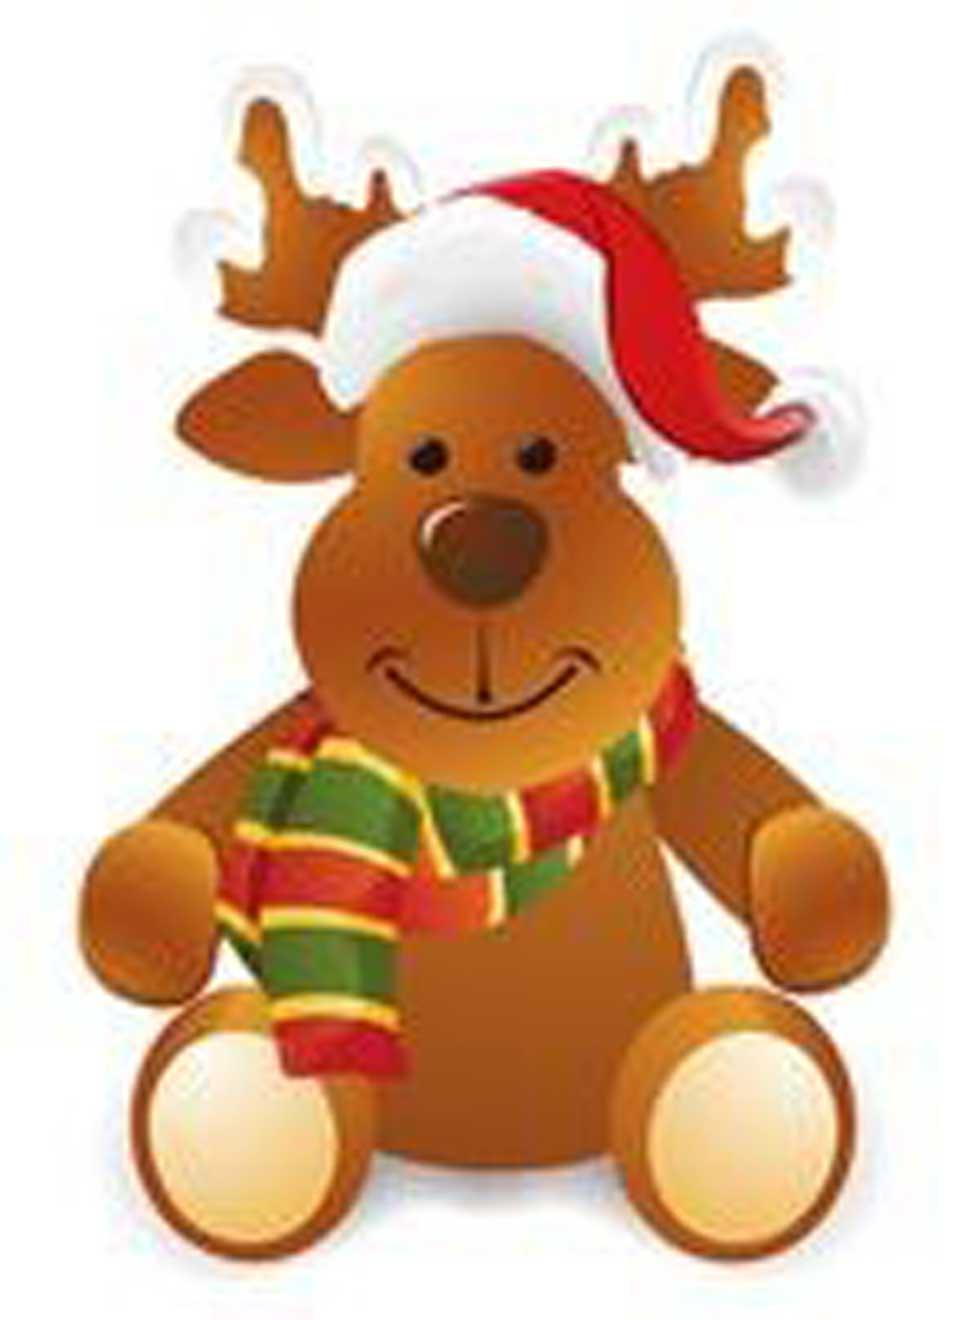 Rentier mit Weihnachtsmütze für einen Weihnachtsgruß